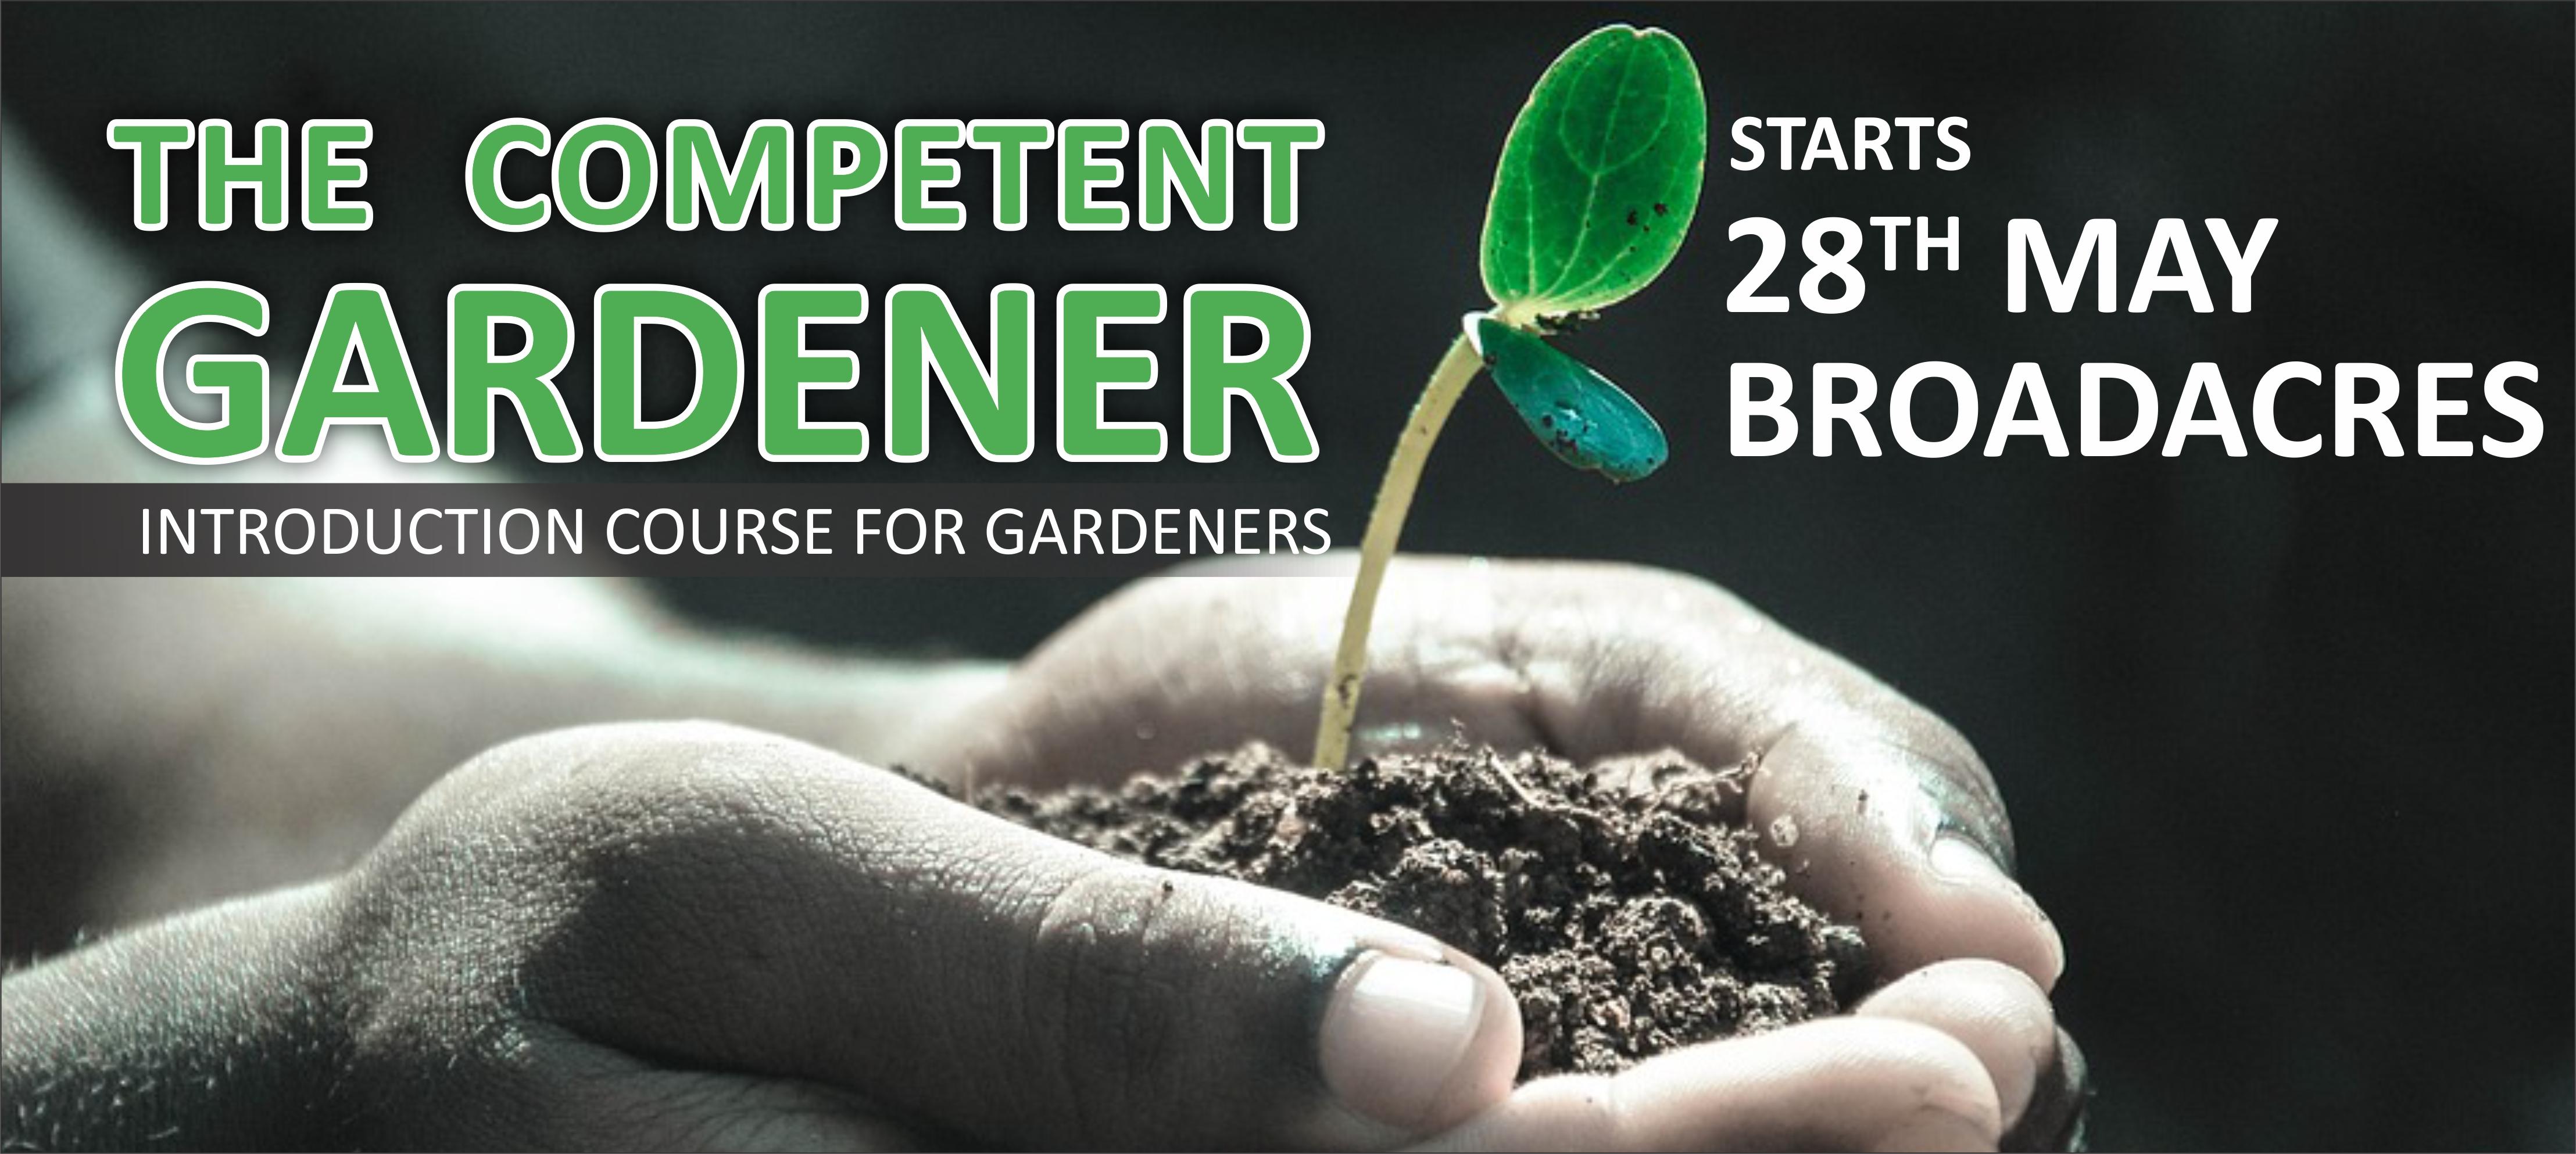 Gardeners-course-BDS-2019 The Competent Gardener @ Broadacres